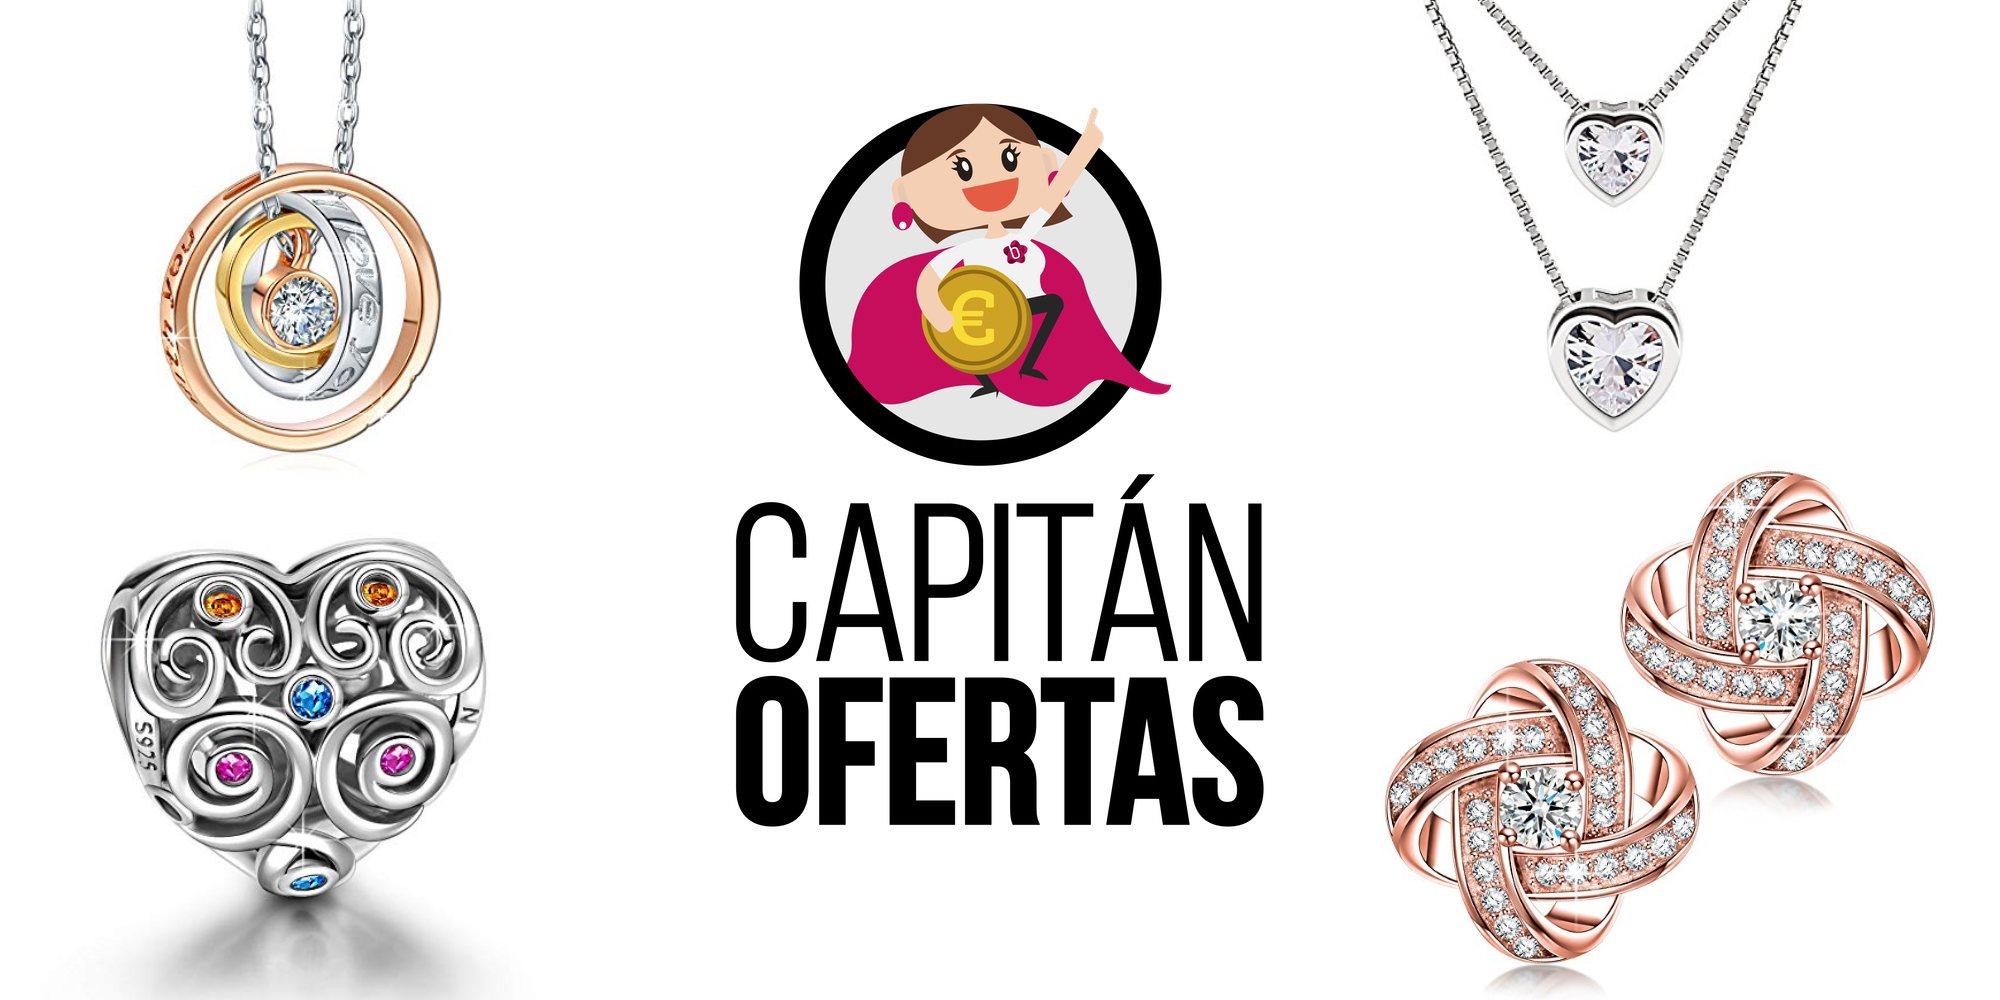 Capitán Ofertas te trae las mejores joyas a precios increíbles